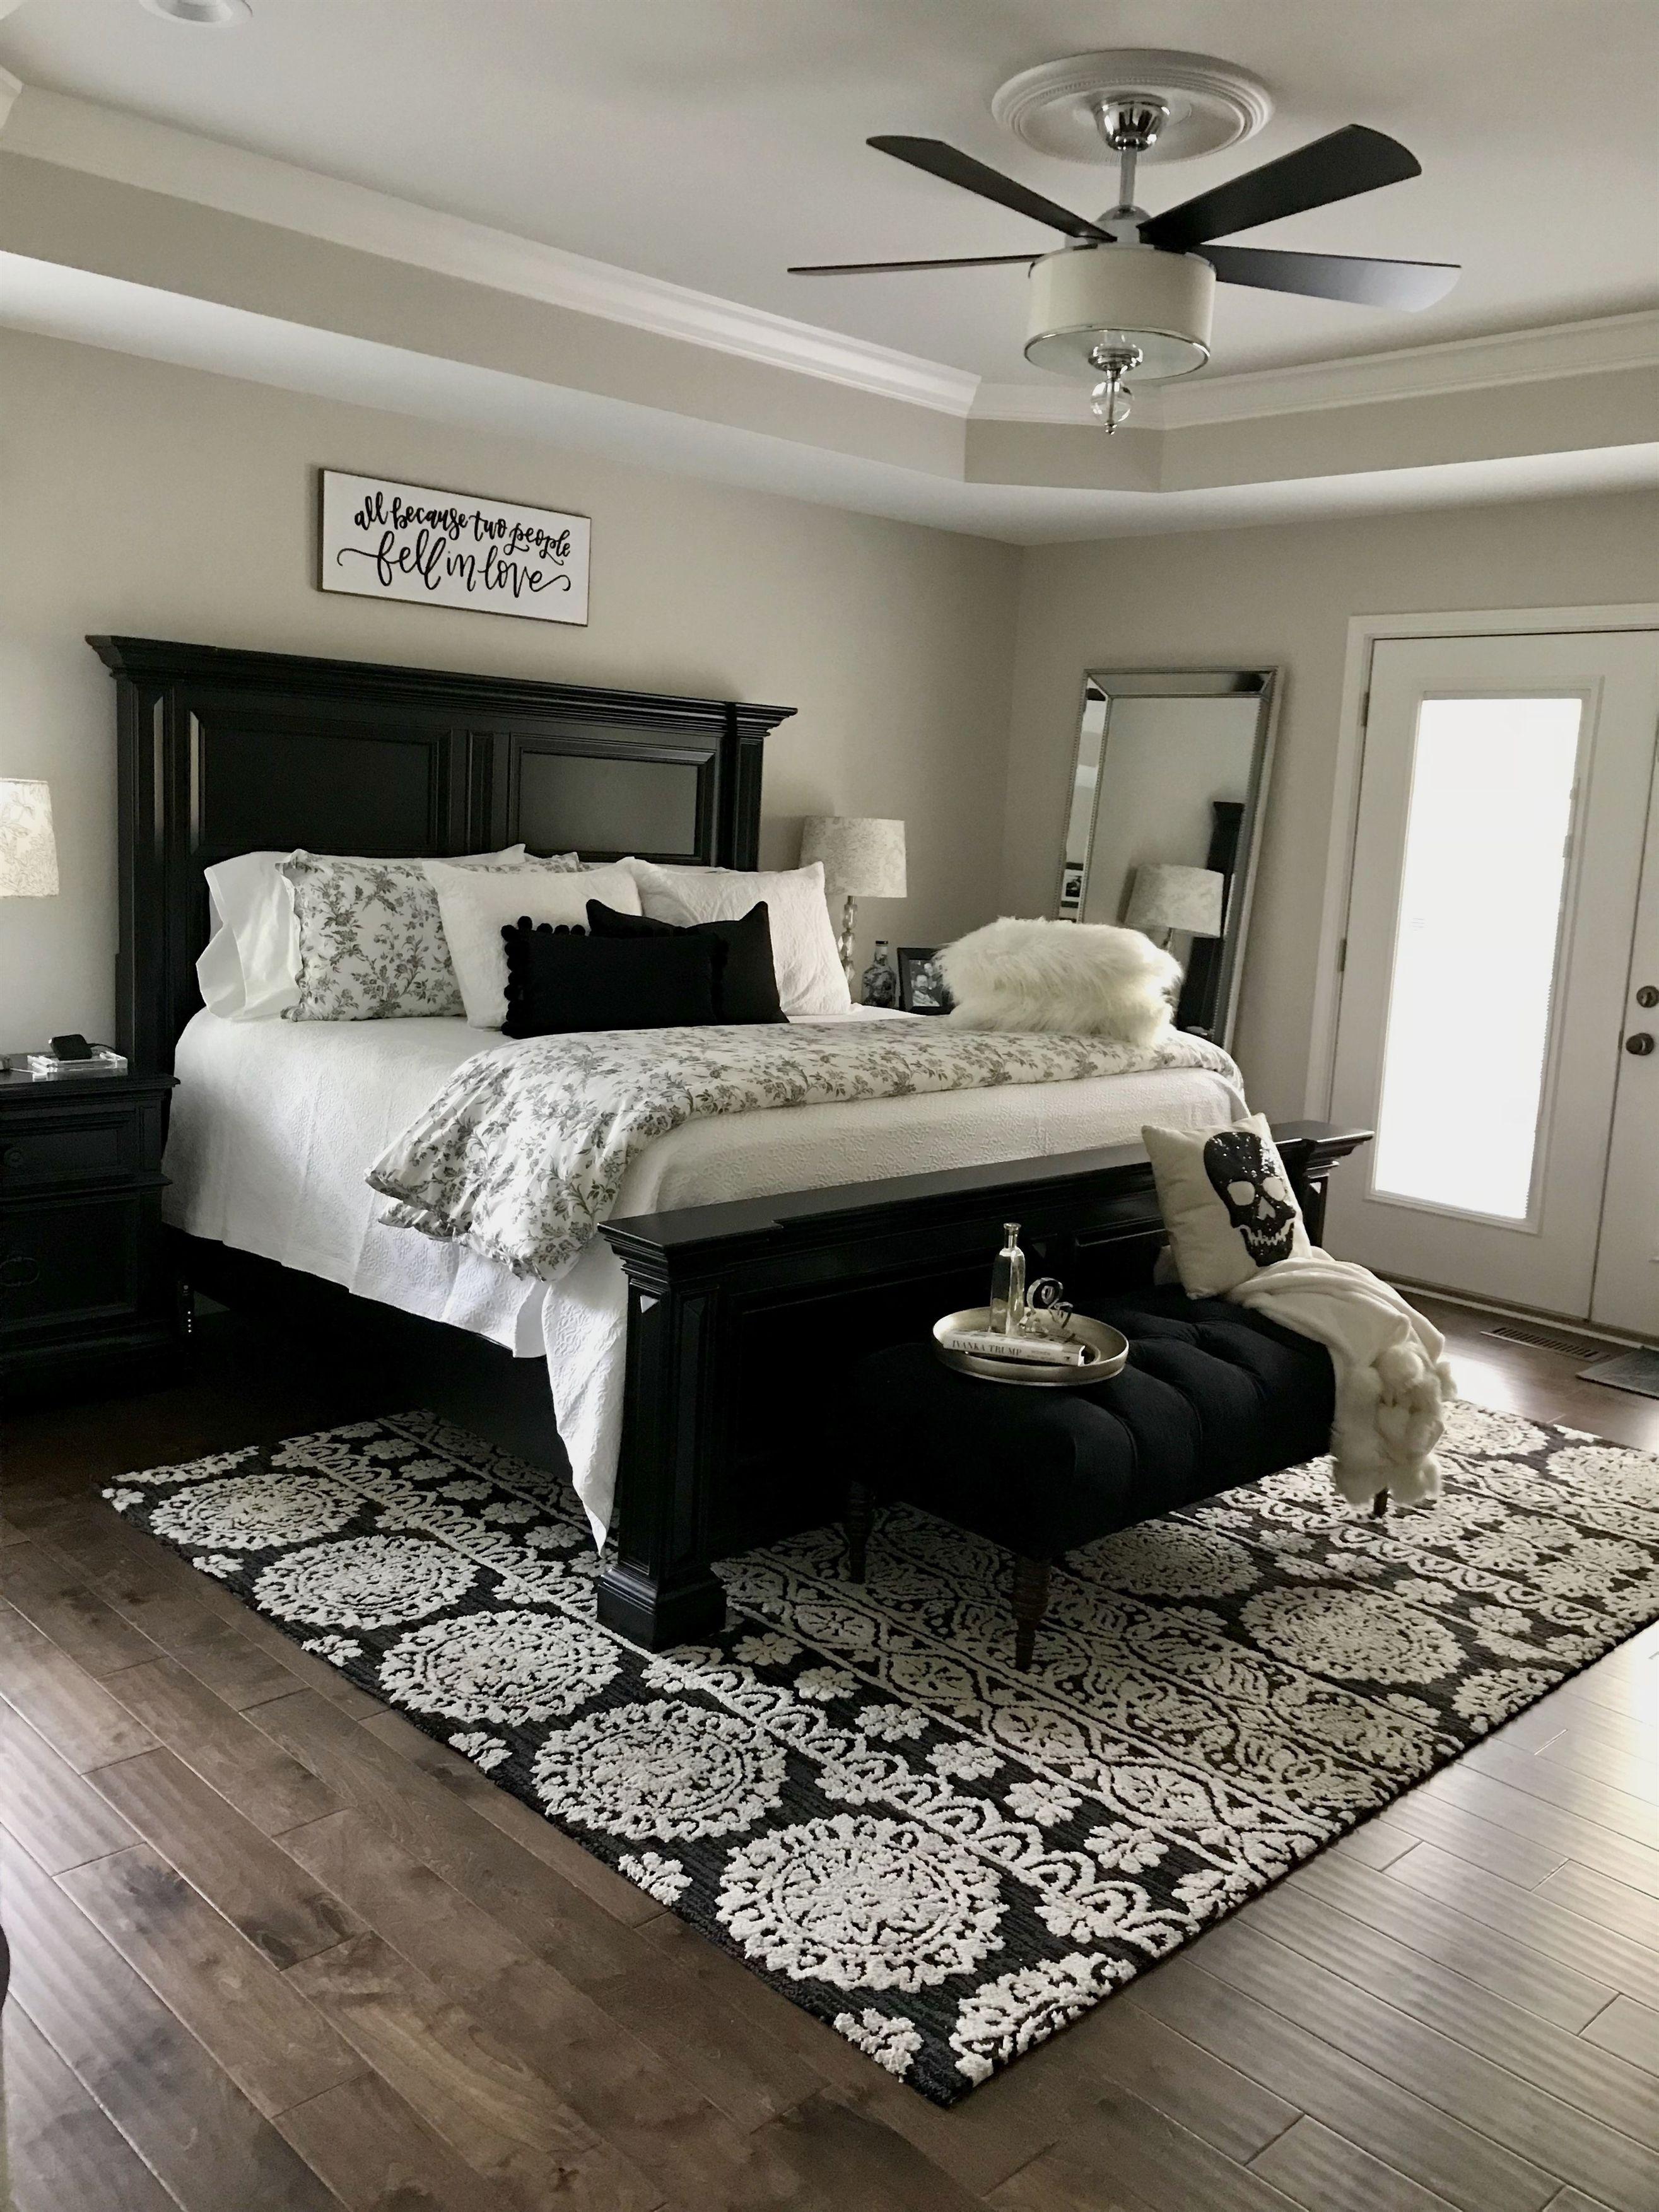 Black And White Master Bedroom Design White Living Room Decor White Master Bedroom Master Bedrooms Decor Master bedroom ideas dark